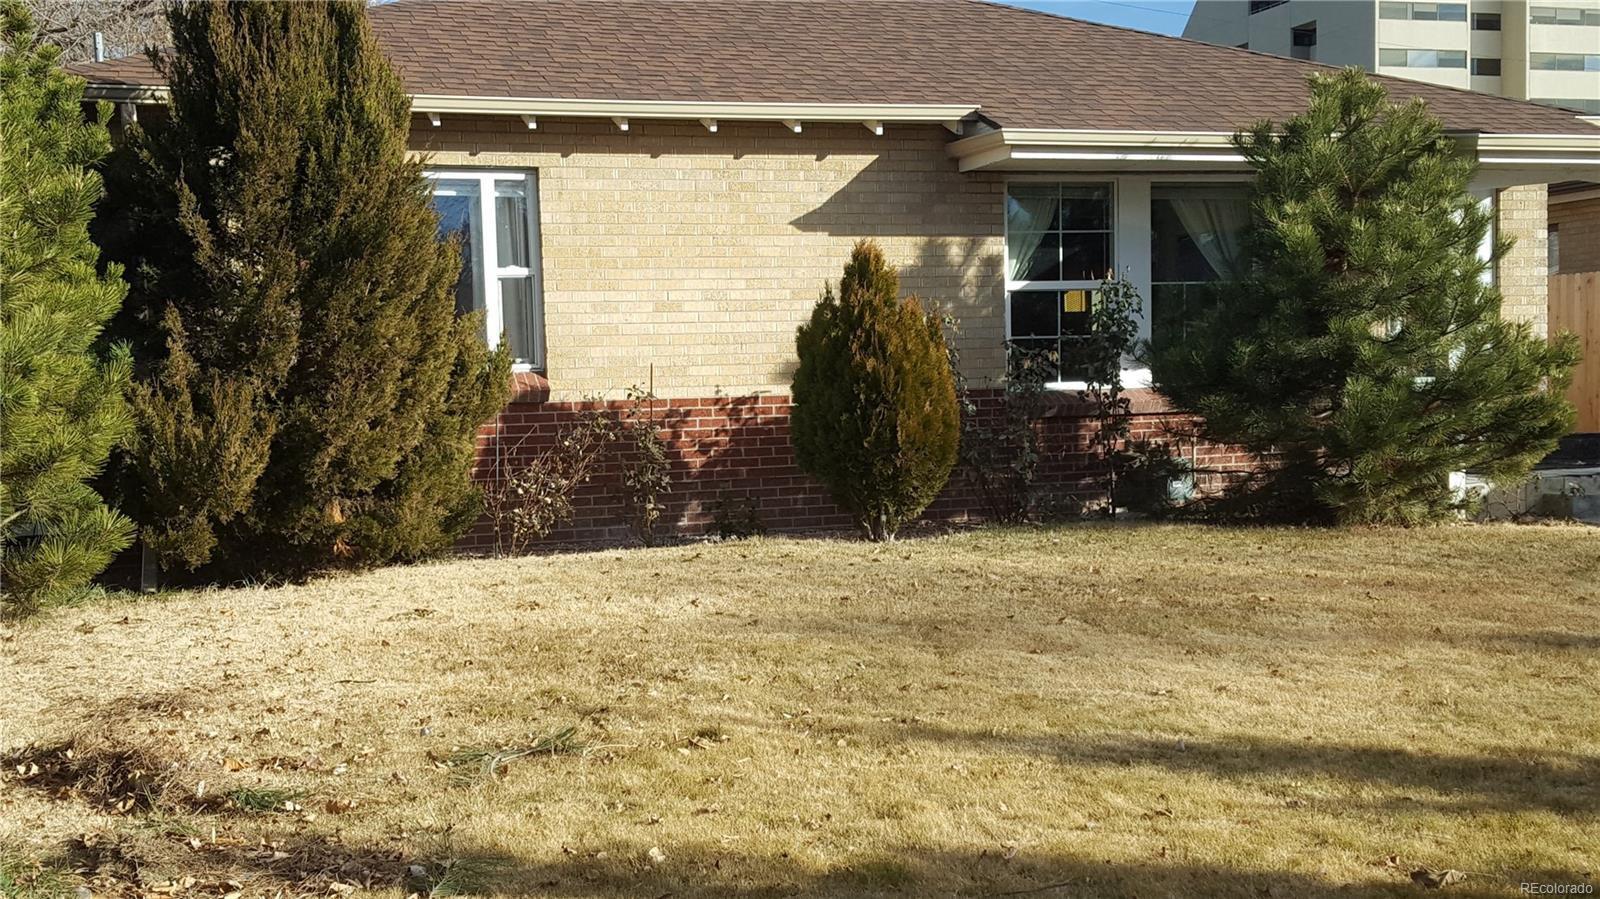 3520 Pontiac St, Denver, CO 80207 - Recently Sold | Trulia